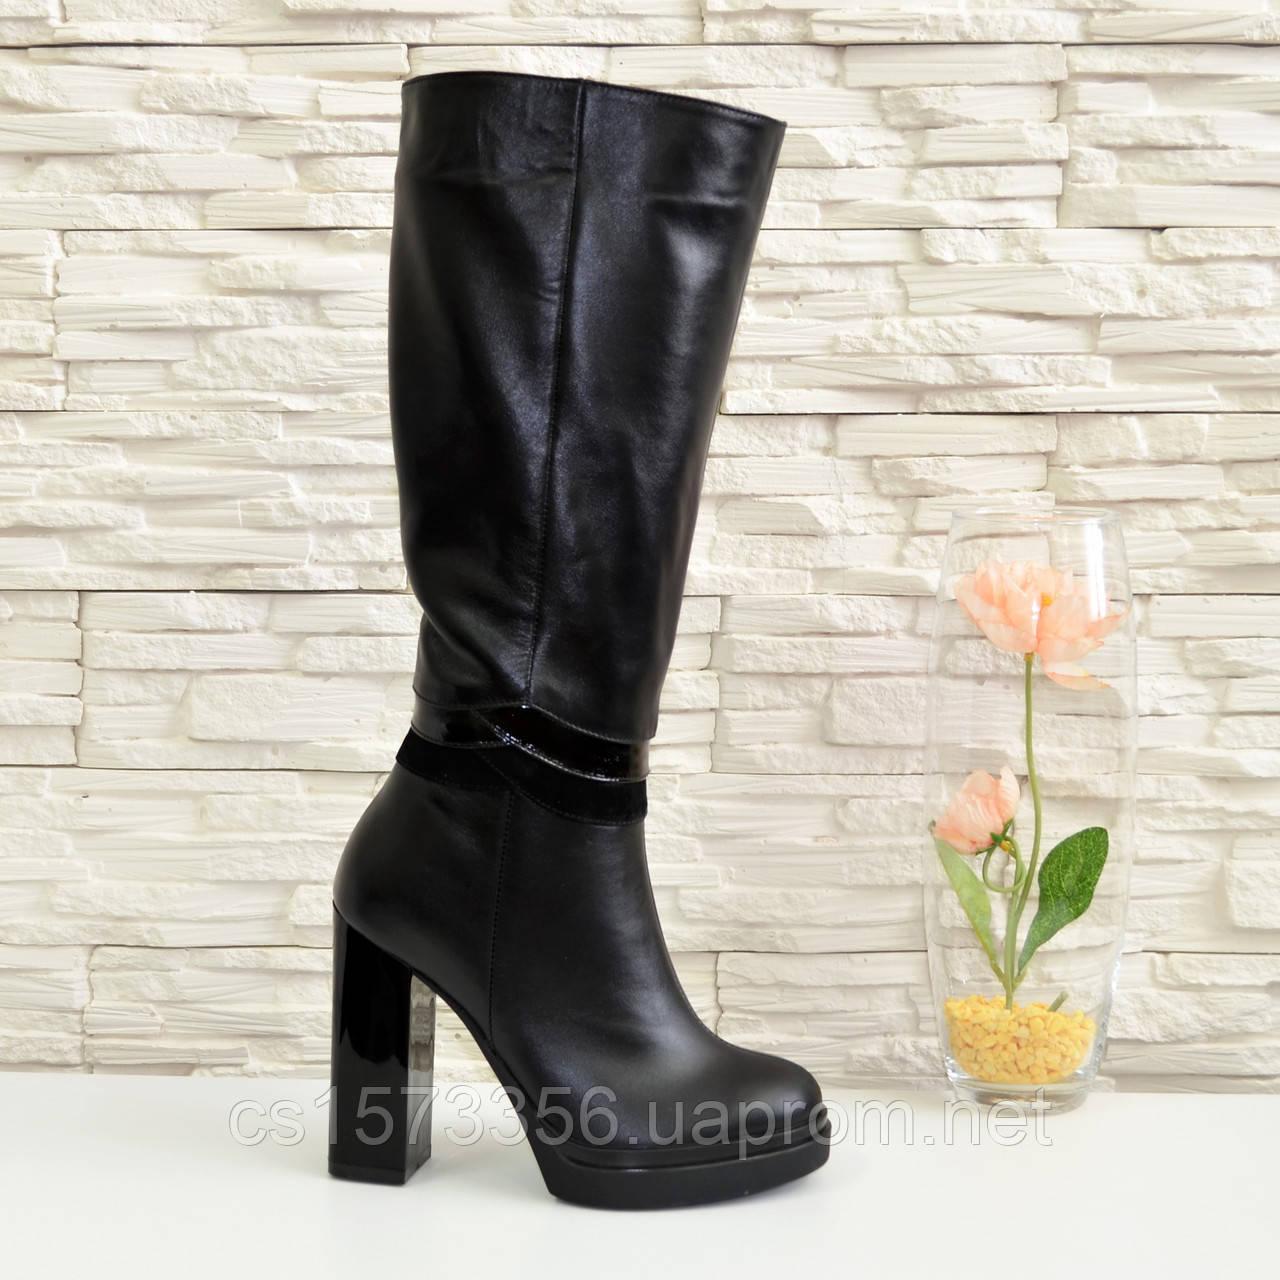 Жіночі демісезонні шкіряні чоботи на високих підборах, декоровані вставками з лакової шкіри і замші.